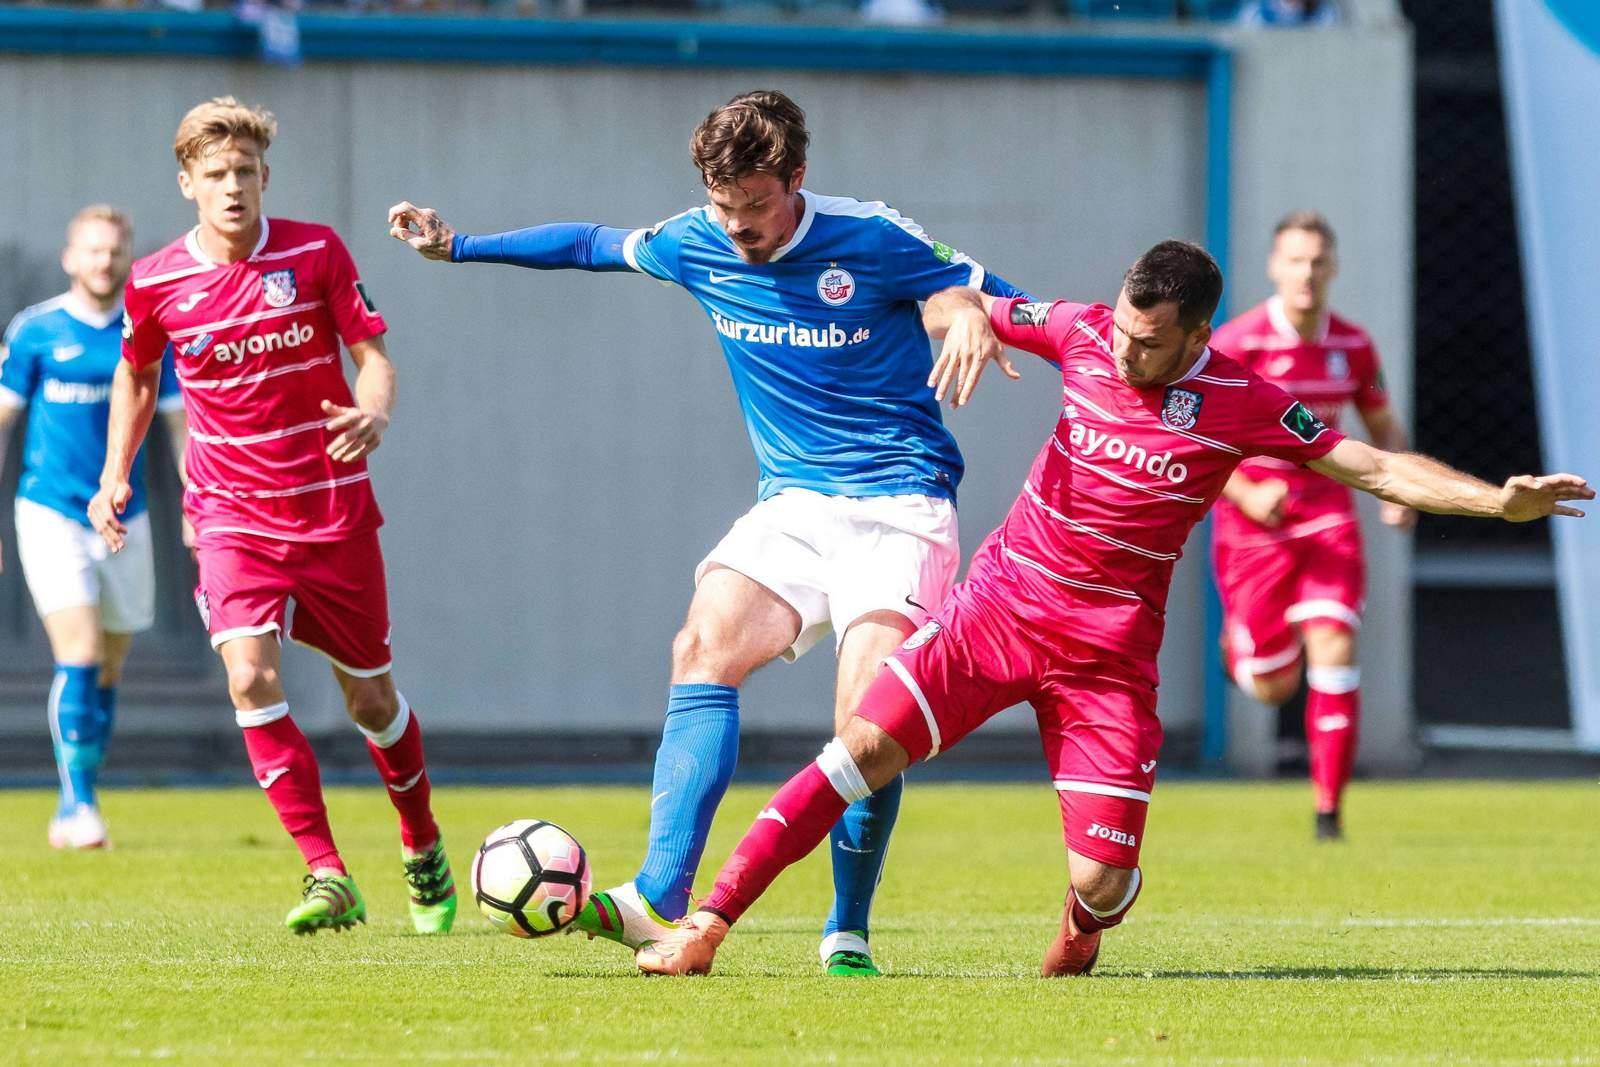 Massimo Ornatelli grätscht gegen Dennis Erdmann. Jetzt auf FSV Frankfurt gegen Hansa Rostock wetten!